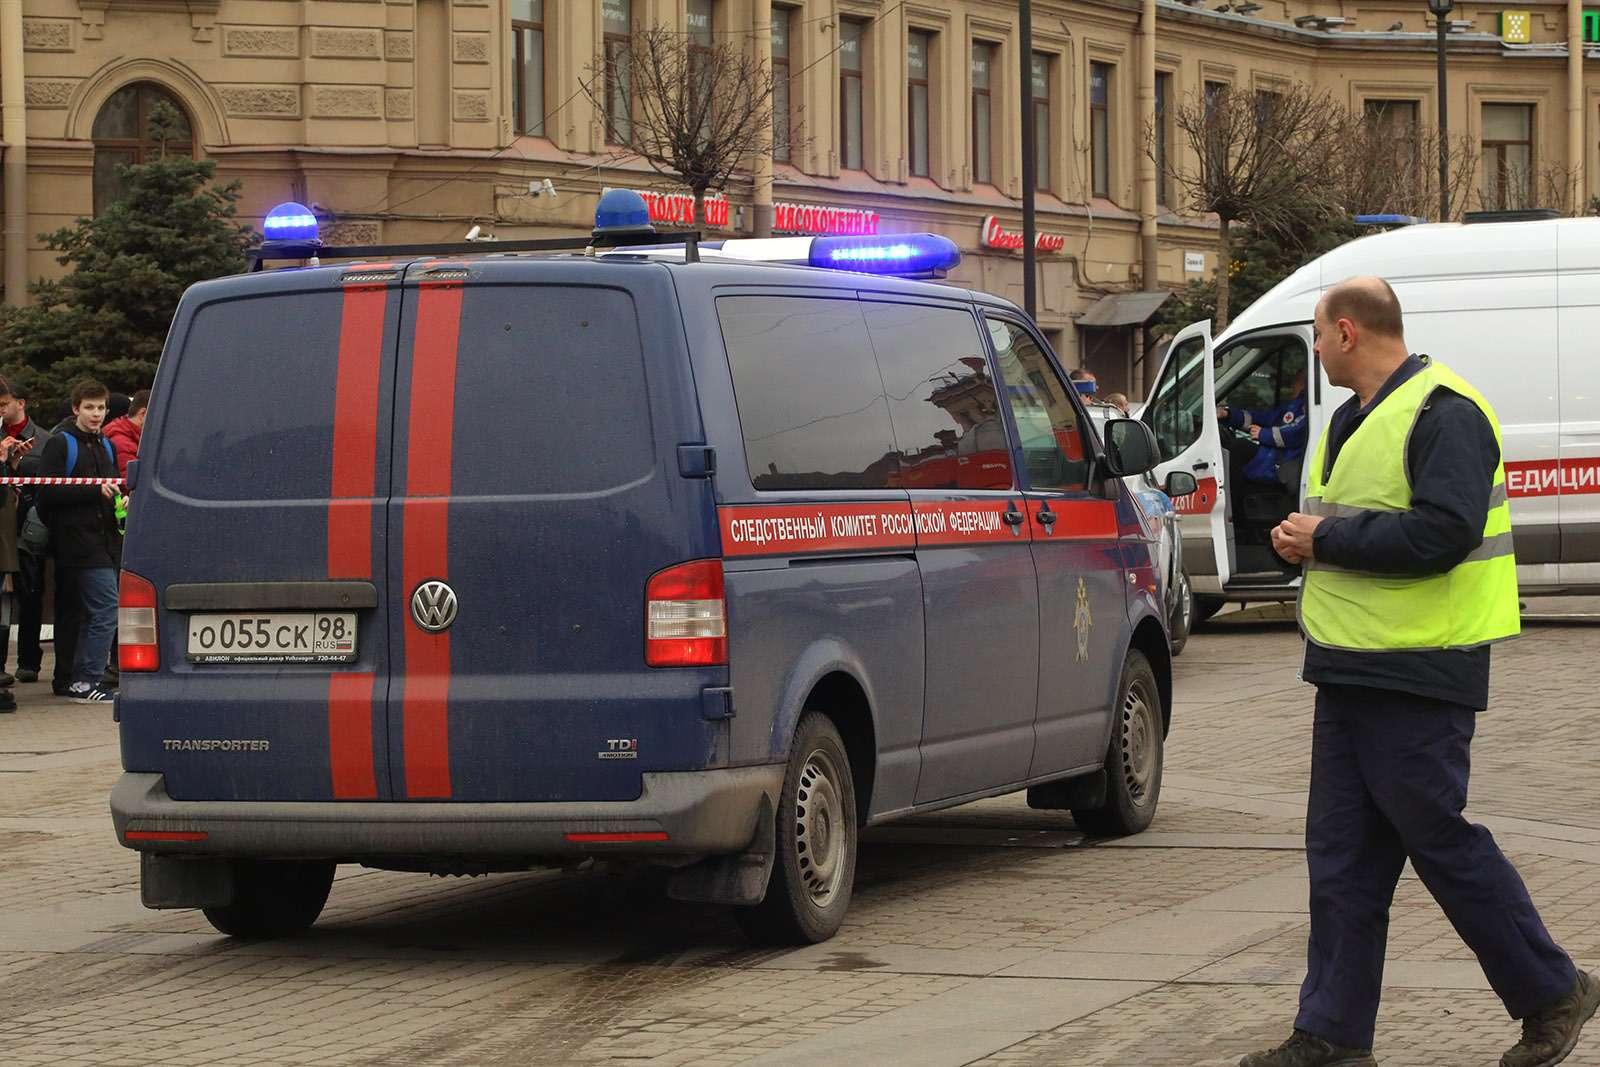 Жуткая история вПетербурге: автохамы сножом ибитой против водителя школьного автобуса иродителей